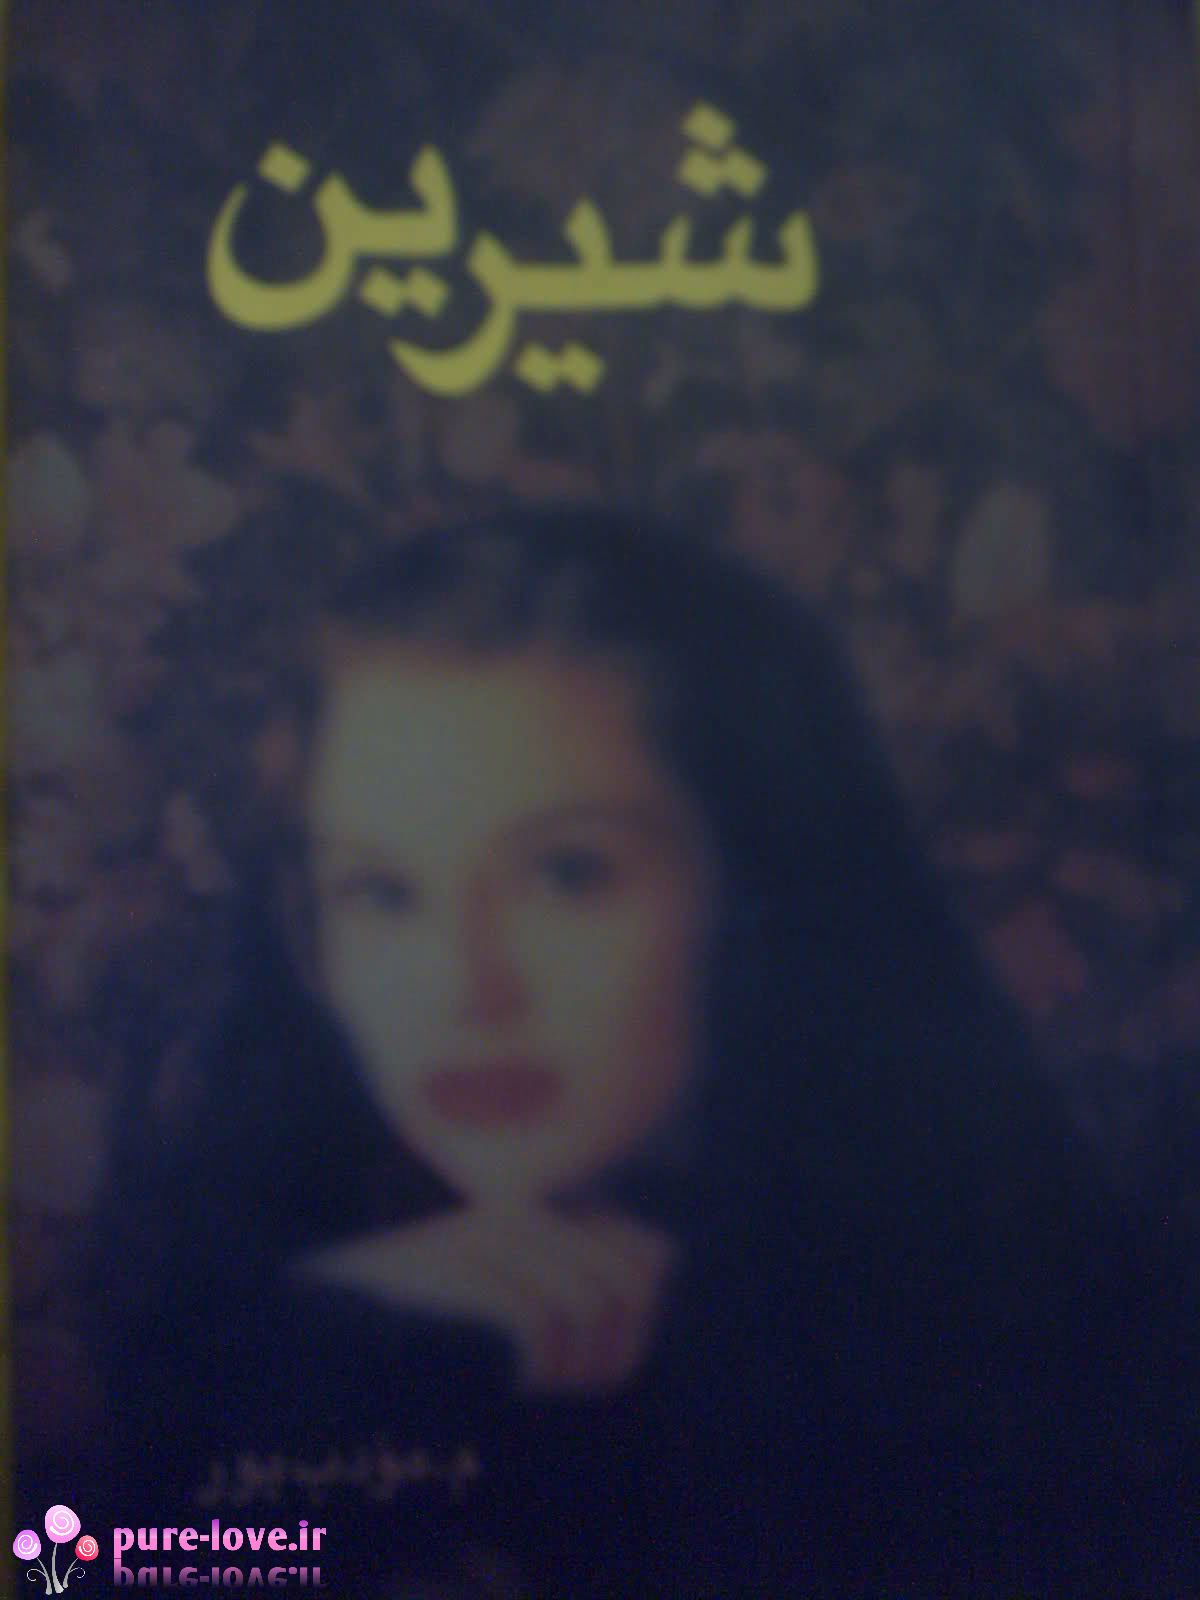 جملات زیبا عاشقانه سنگین.عاشقانه های شیما و محمد - دانلود ...